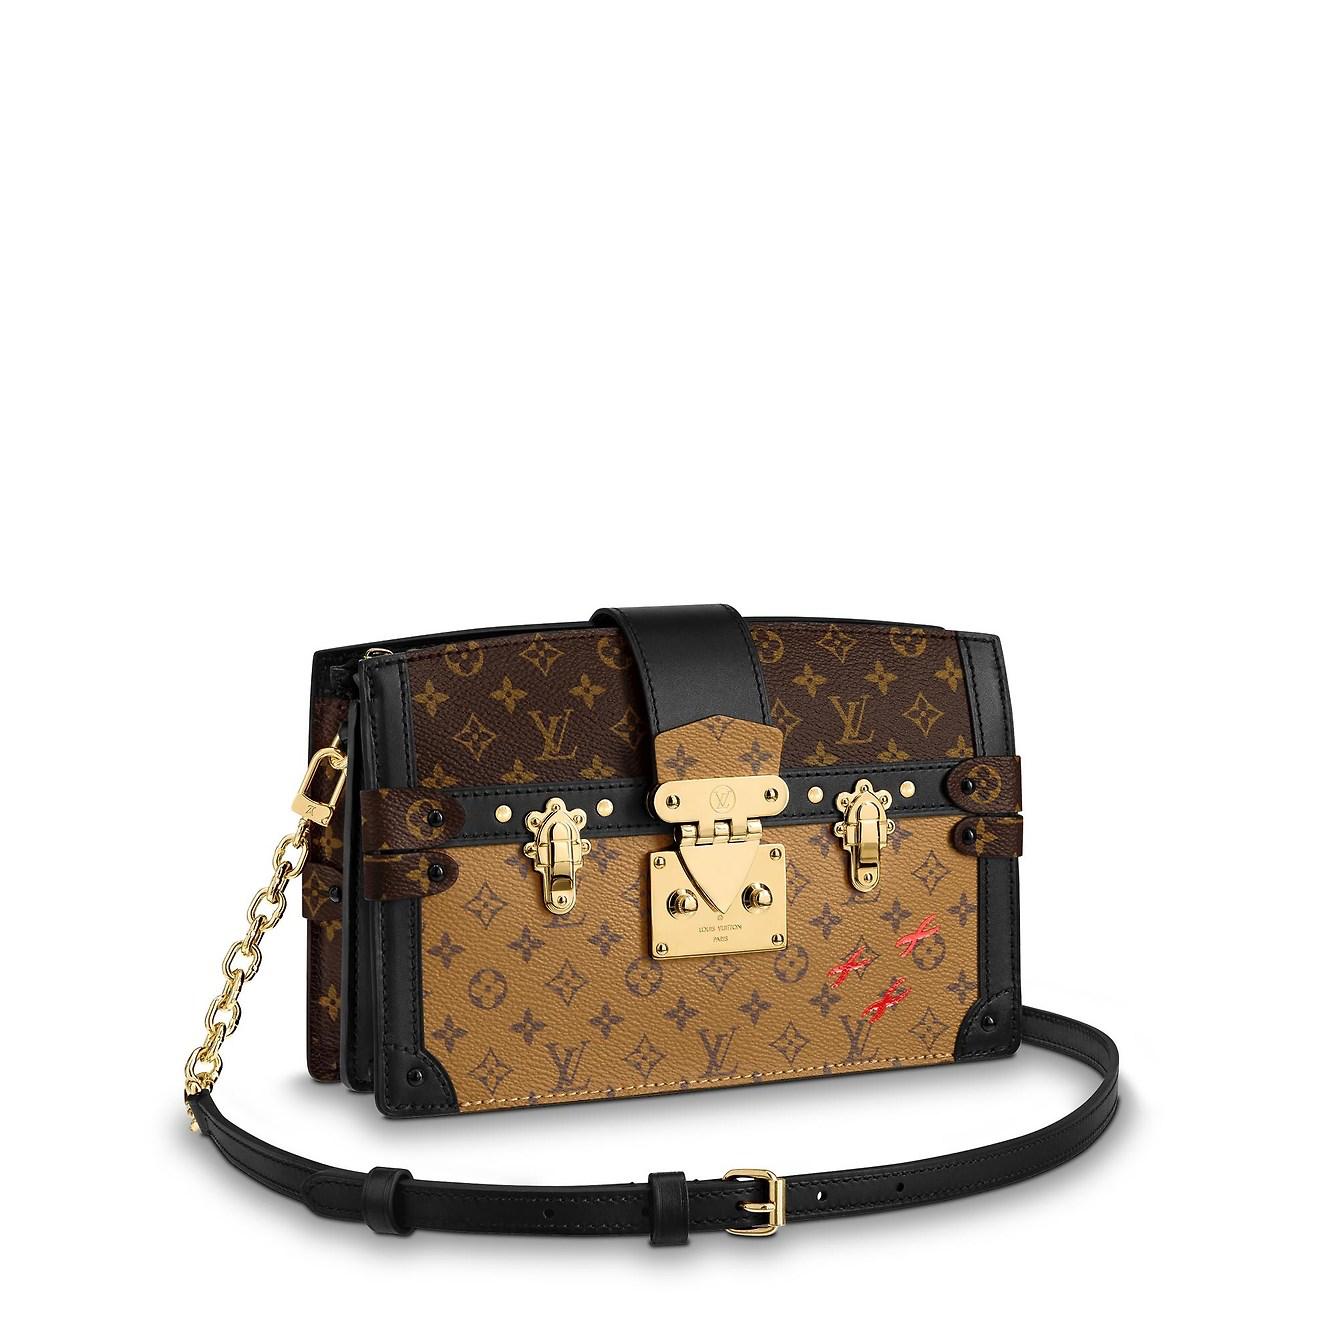 3. Louis Vuitton bag -